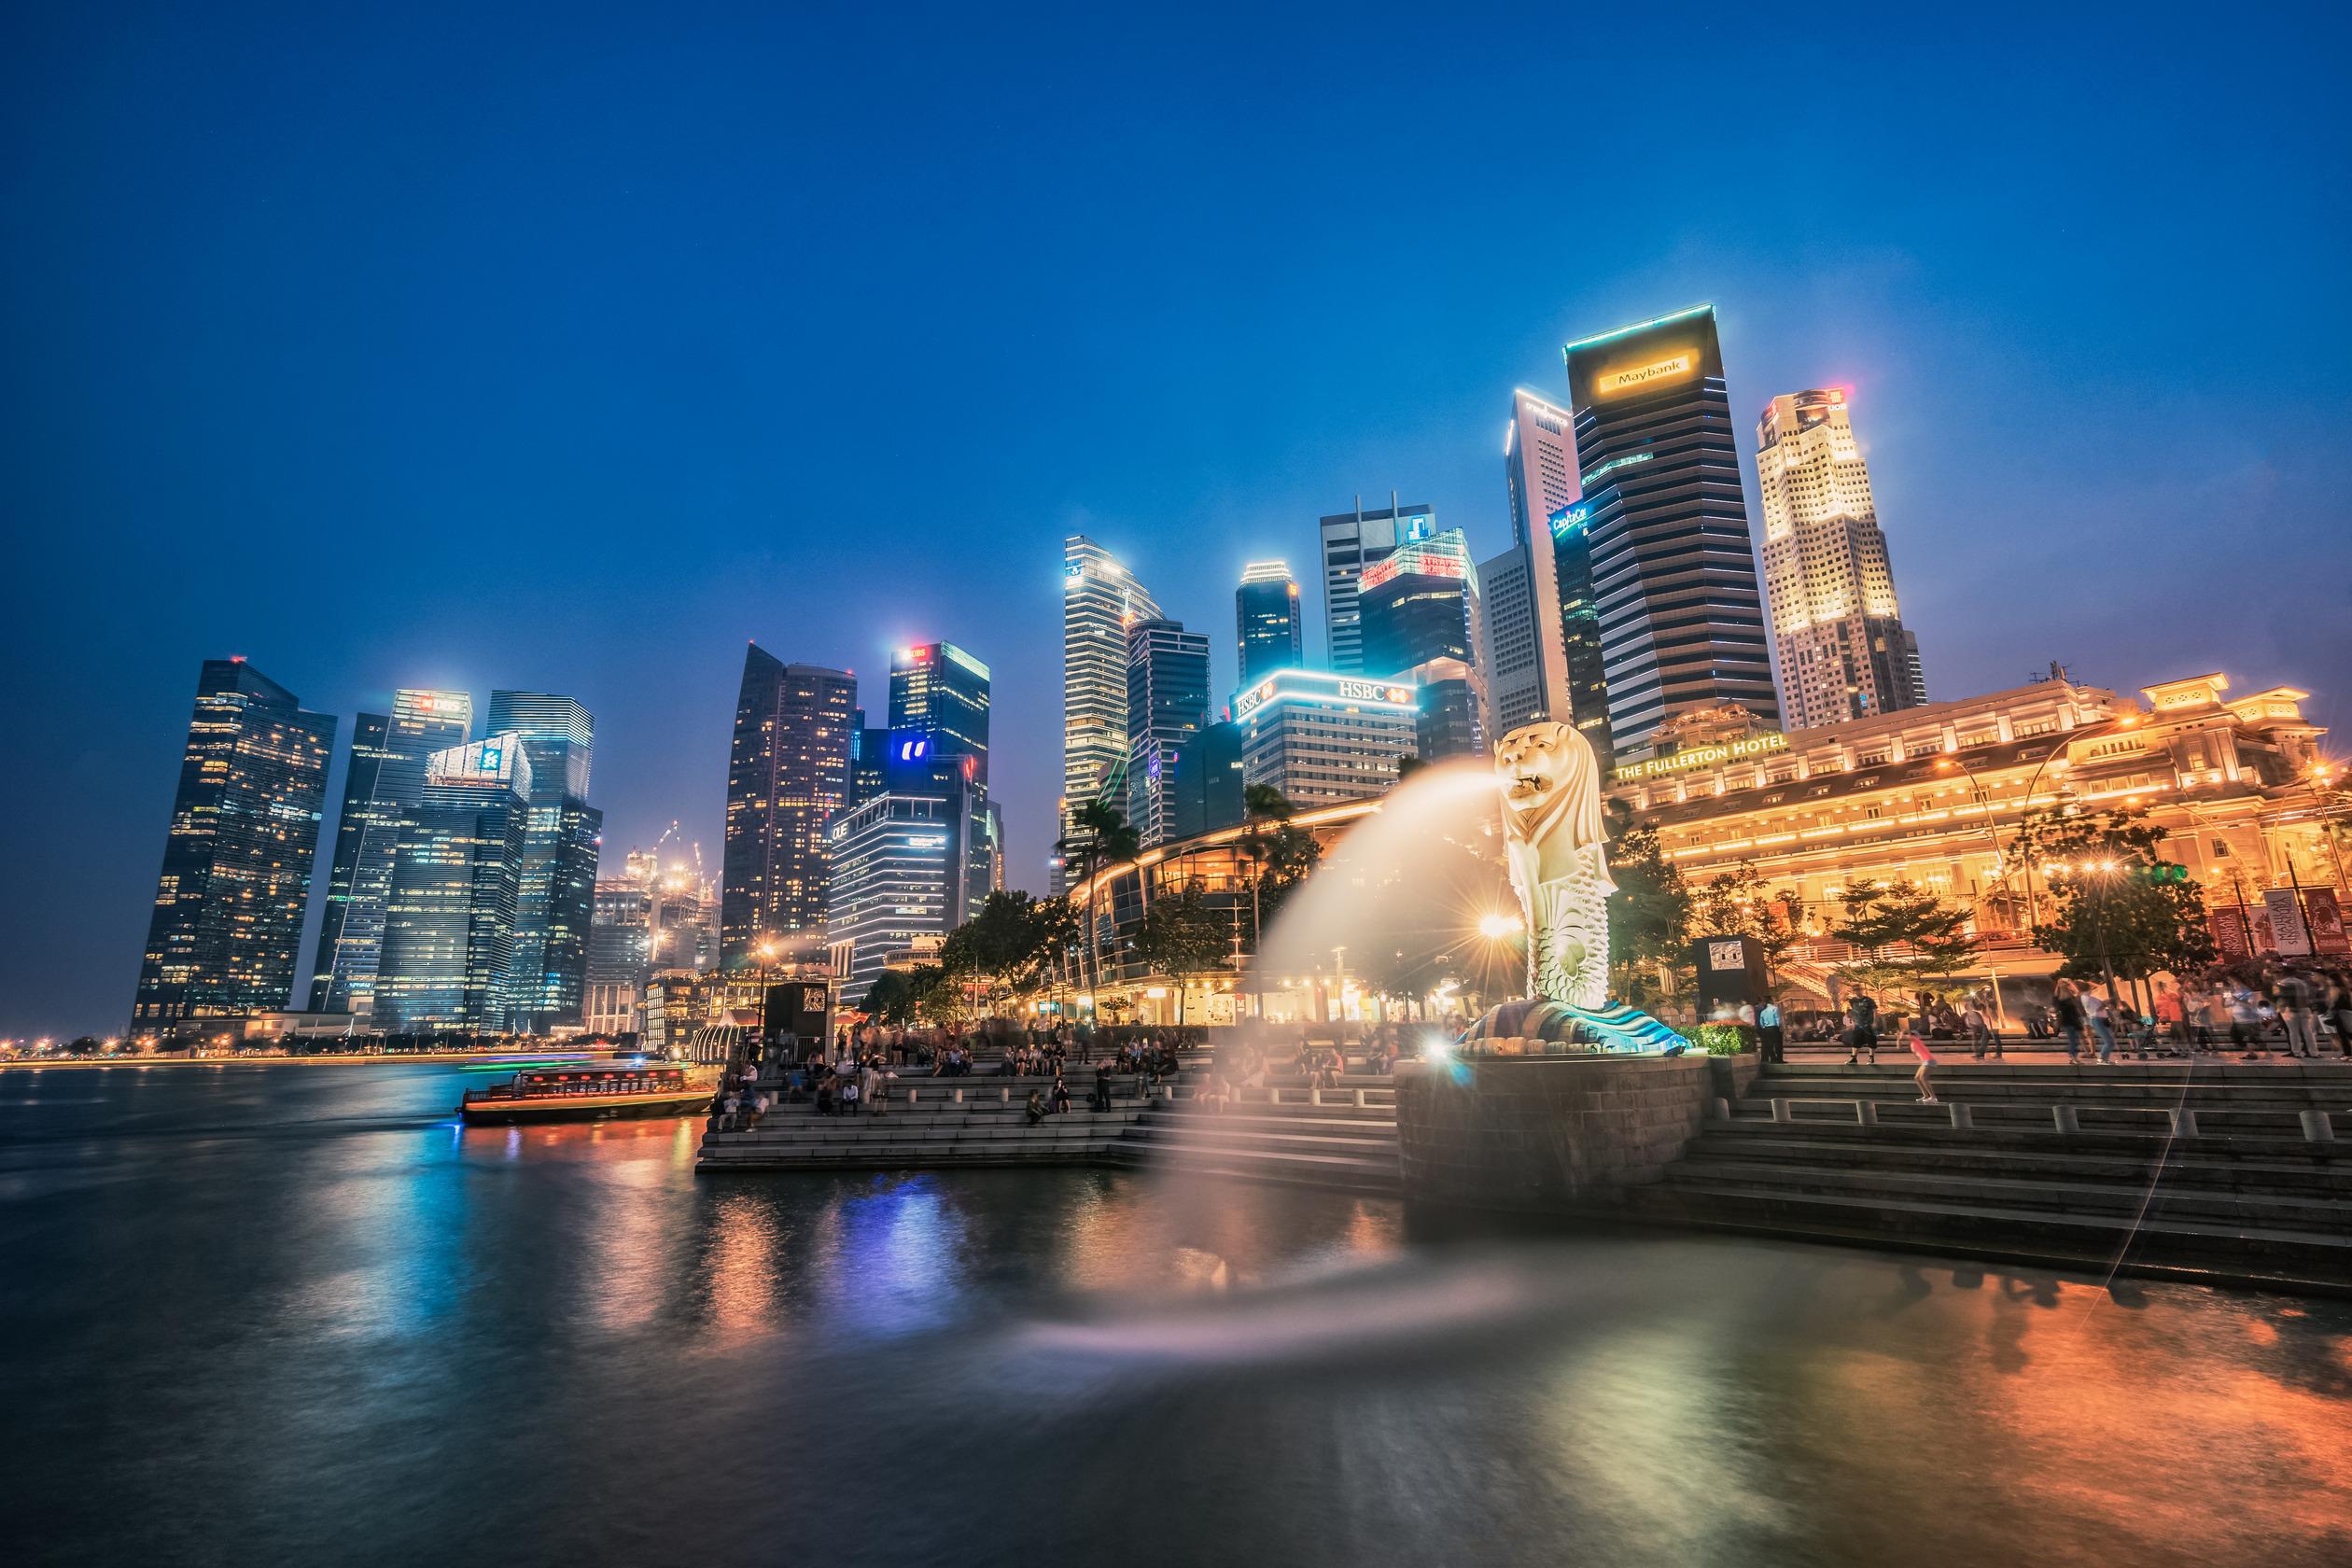 新加坡连淡水都要进口 为什么还要从独立出去